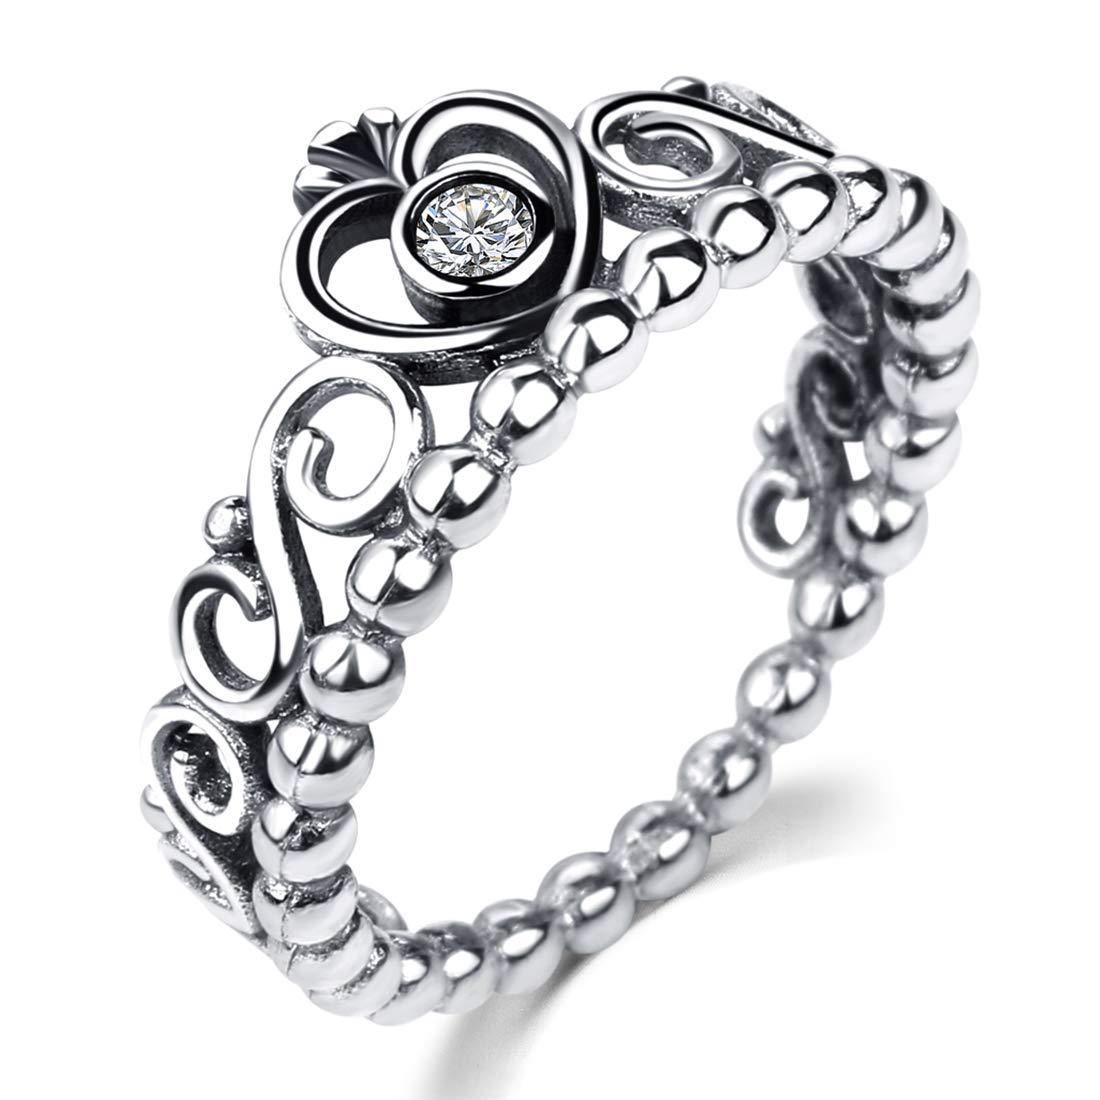 DALARAN Princess Crown Tiara Ring Copper Band Promise Ring Size 9